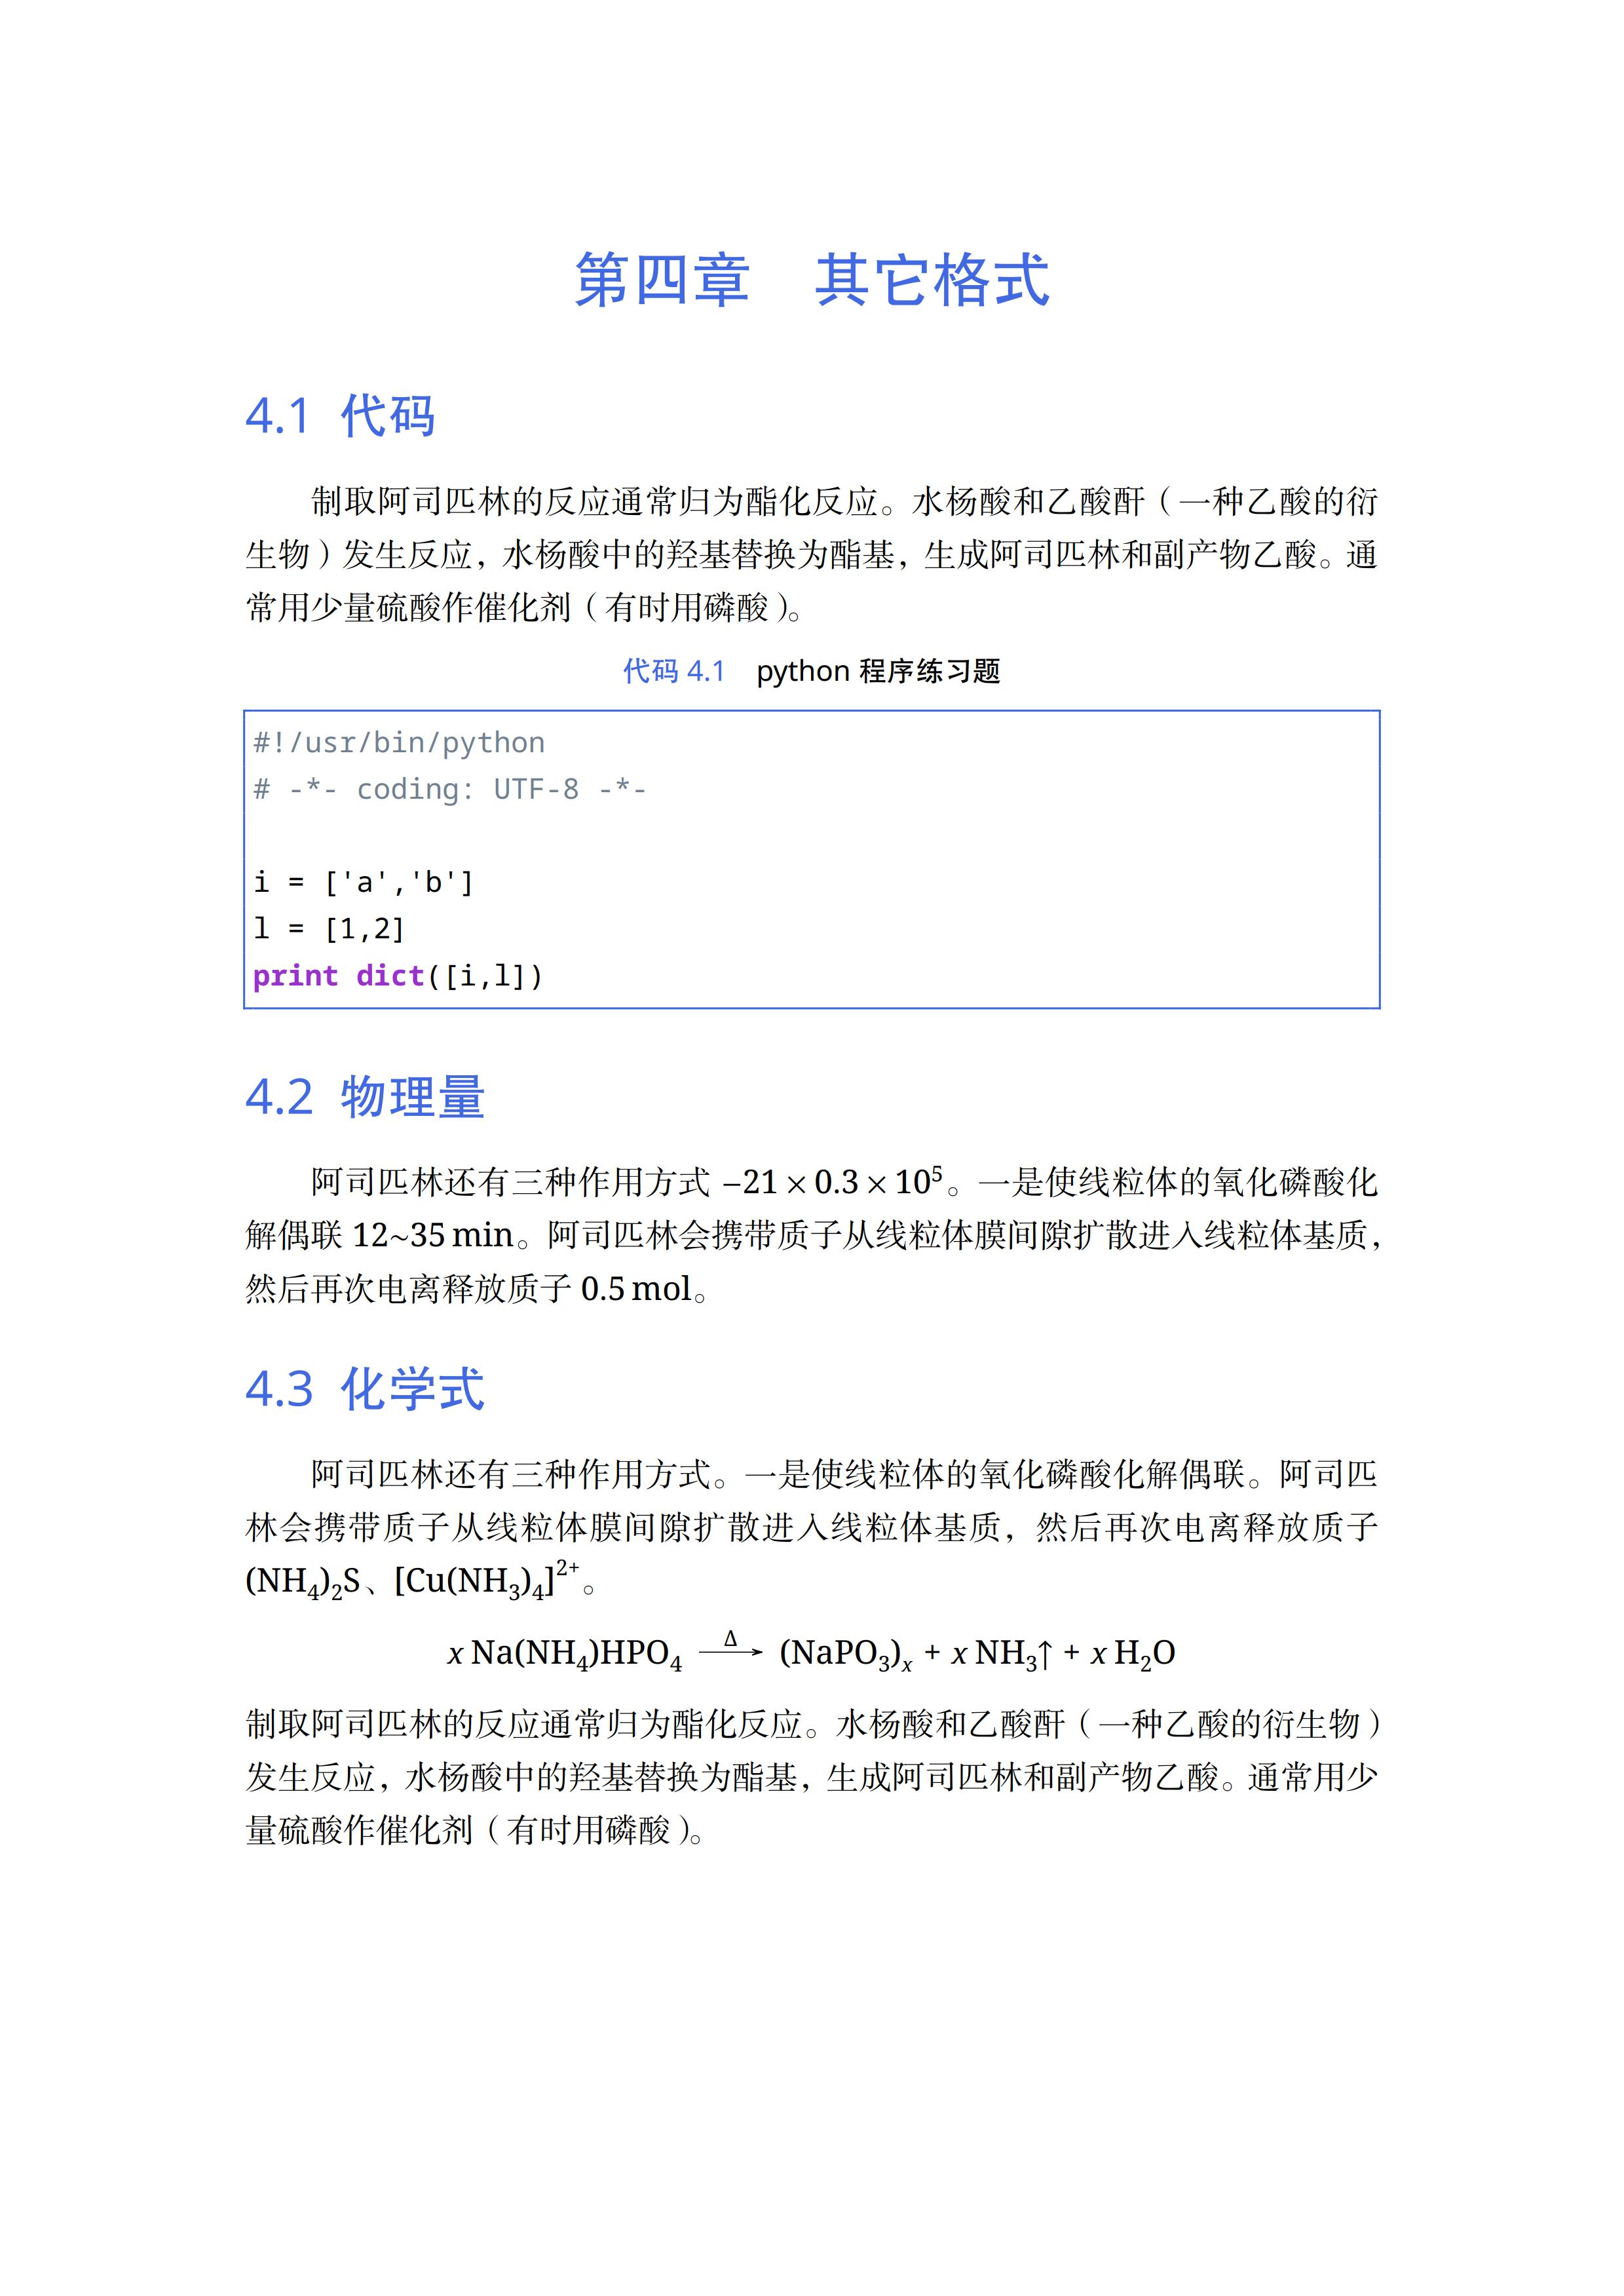 easybook v1.24